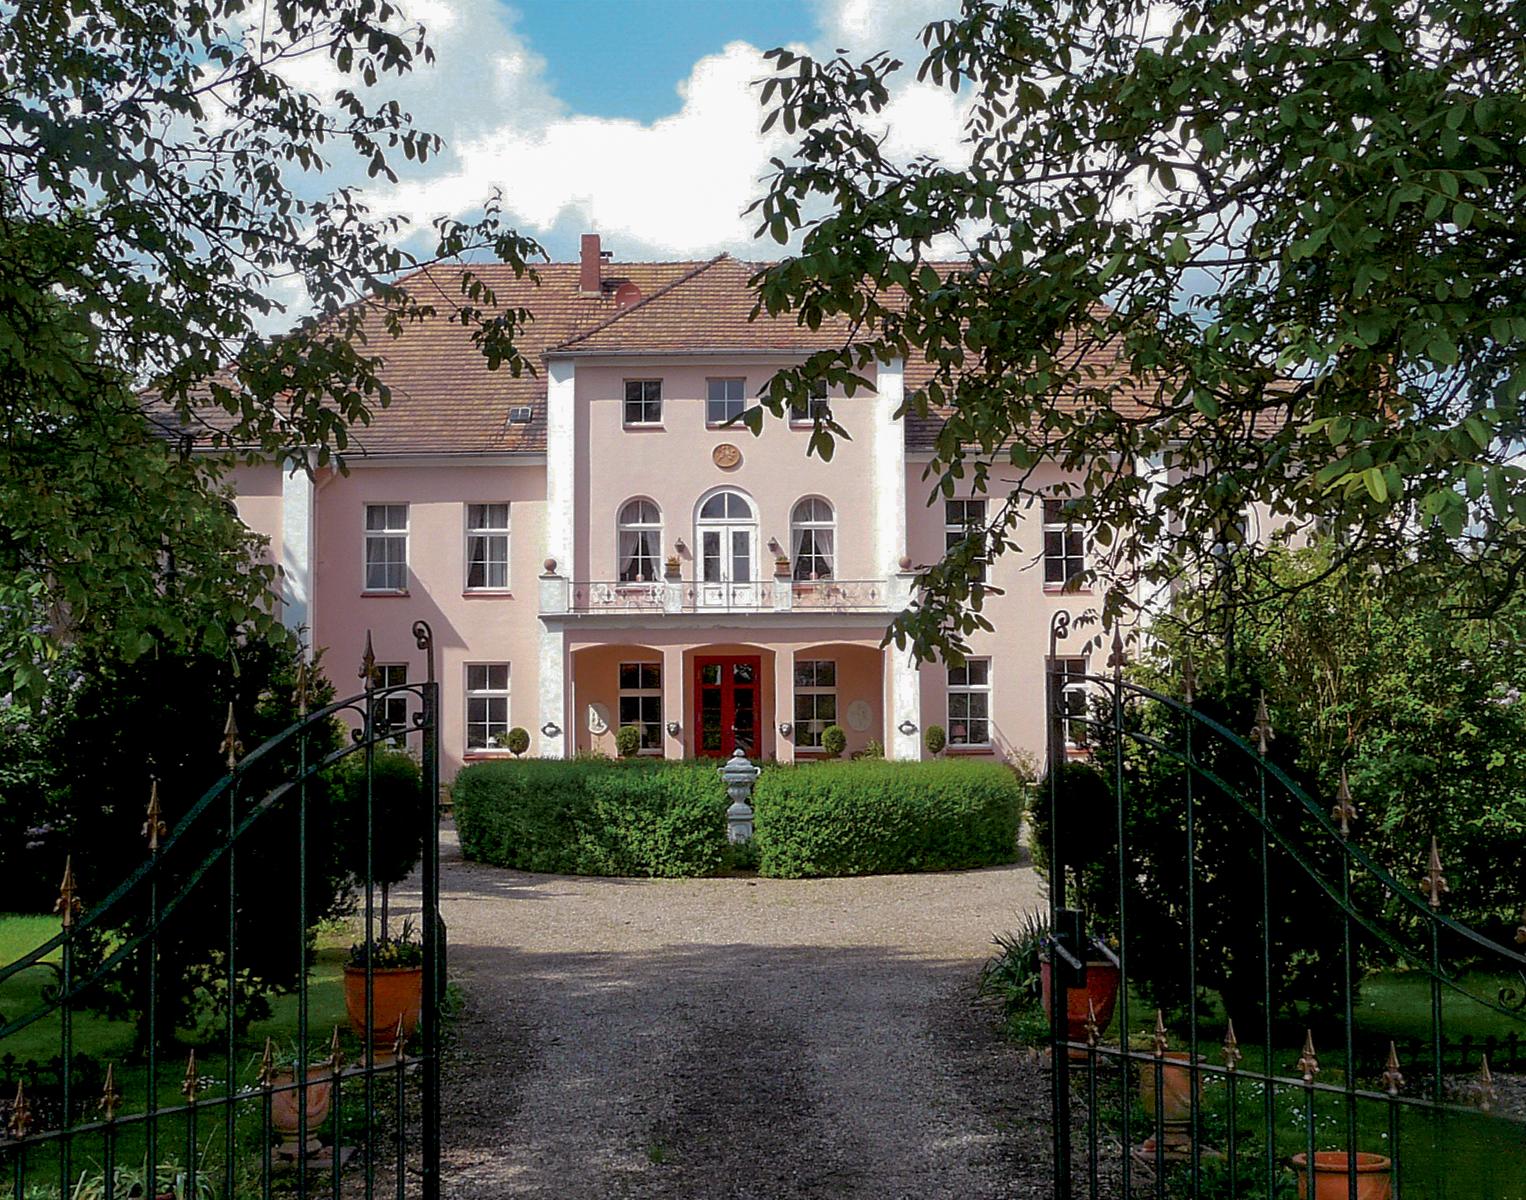 Gourmet-Restaurant - Schloss Frauenmark Friedrichsruhe 4-Gänge-Gourmetmenü inkl. Aperitif